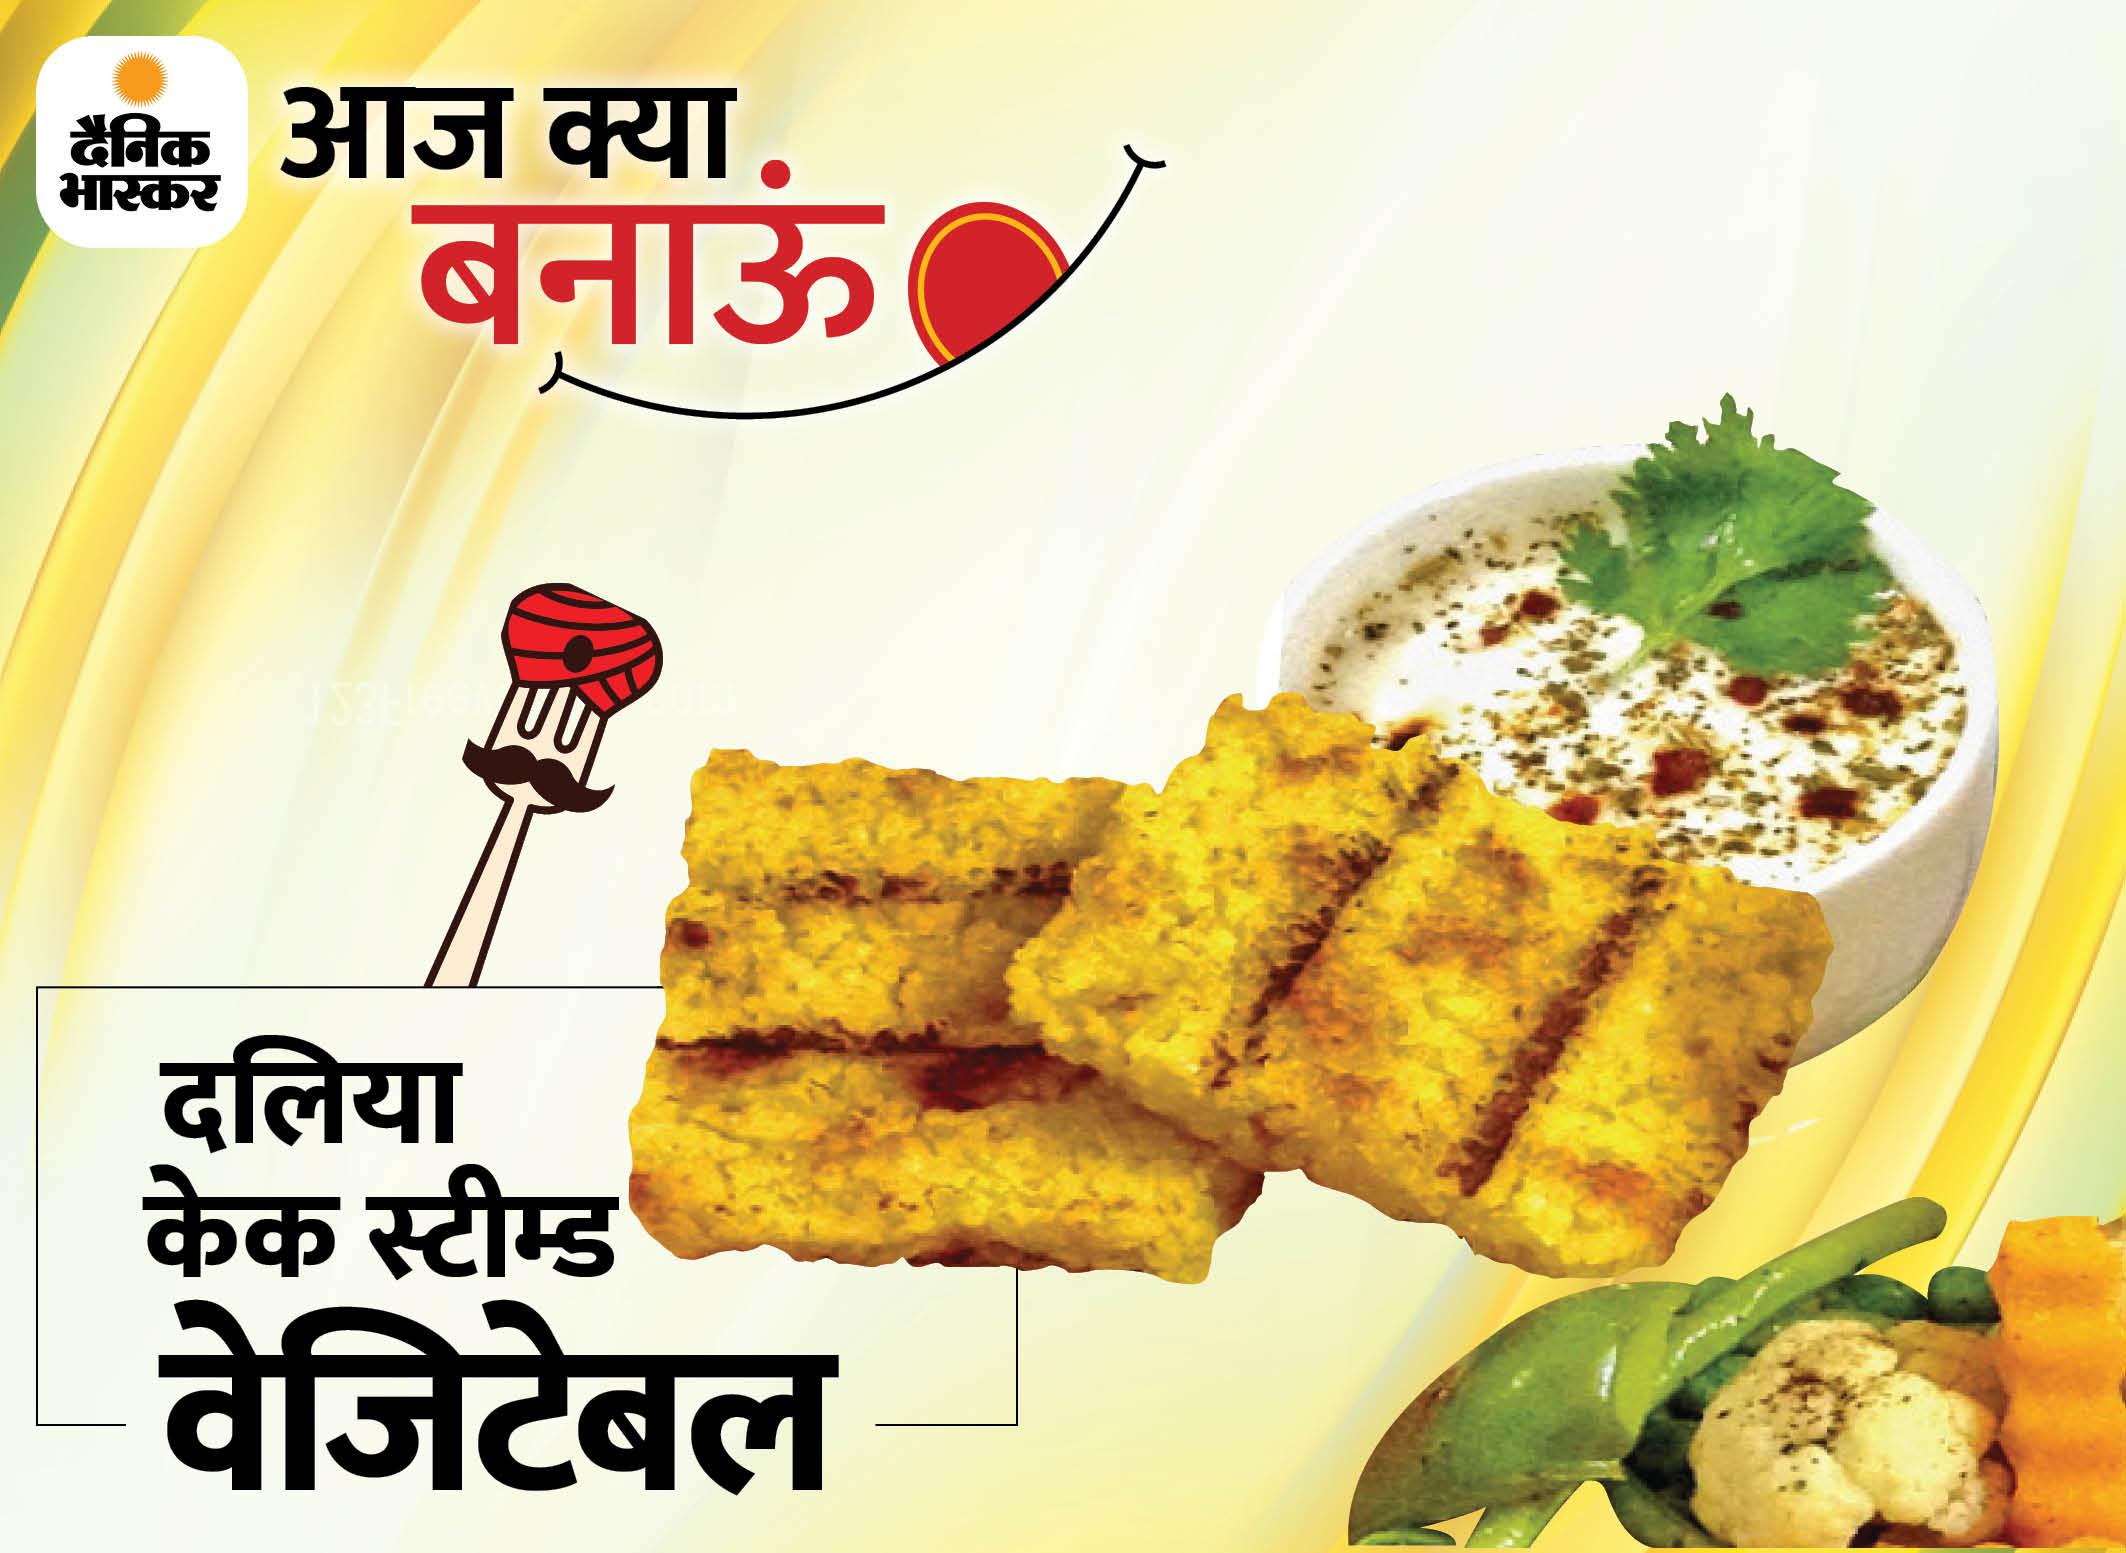 हेल्दी और टेस्टी दलिया केक स्टीम्ड वेजिटेबल, इसे बनाने के बाद सॉस या चटनी के साथ सर्व करें|लाइफस्टाइल,Lifestyle - Dainik Bhaskar